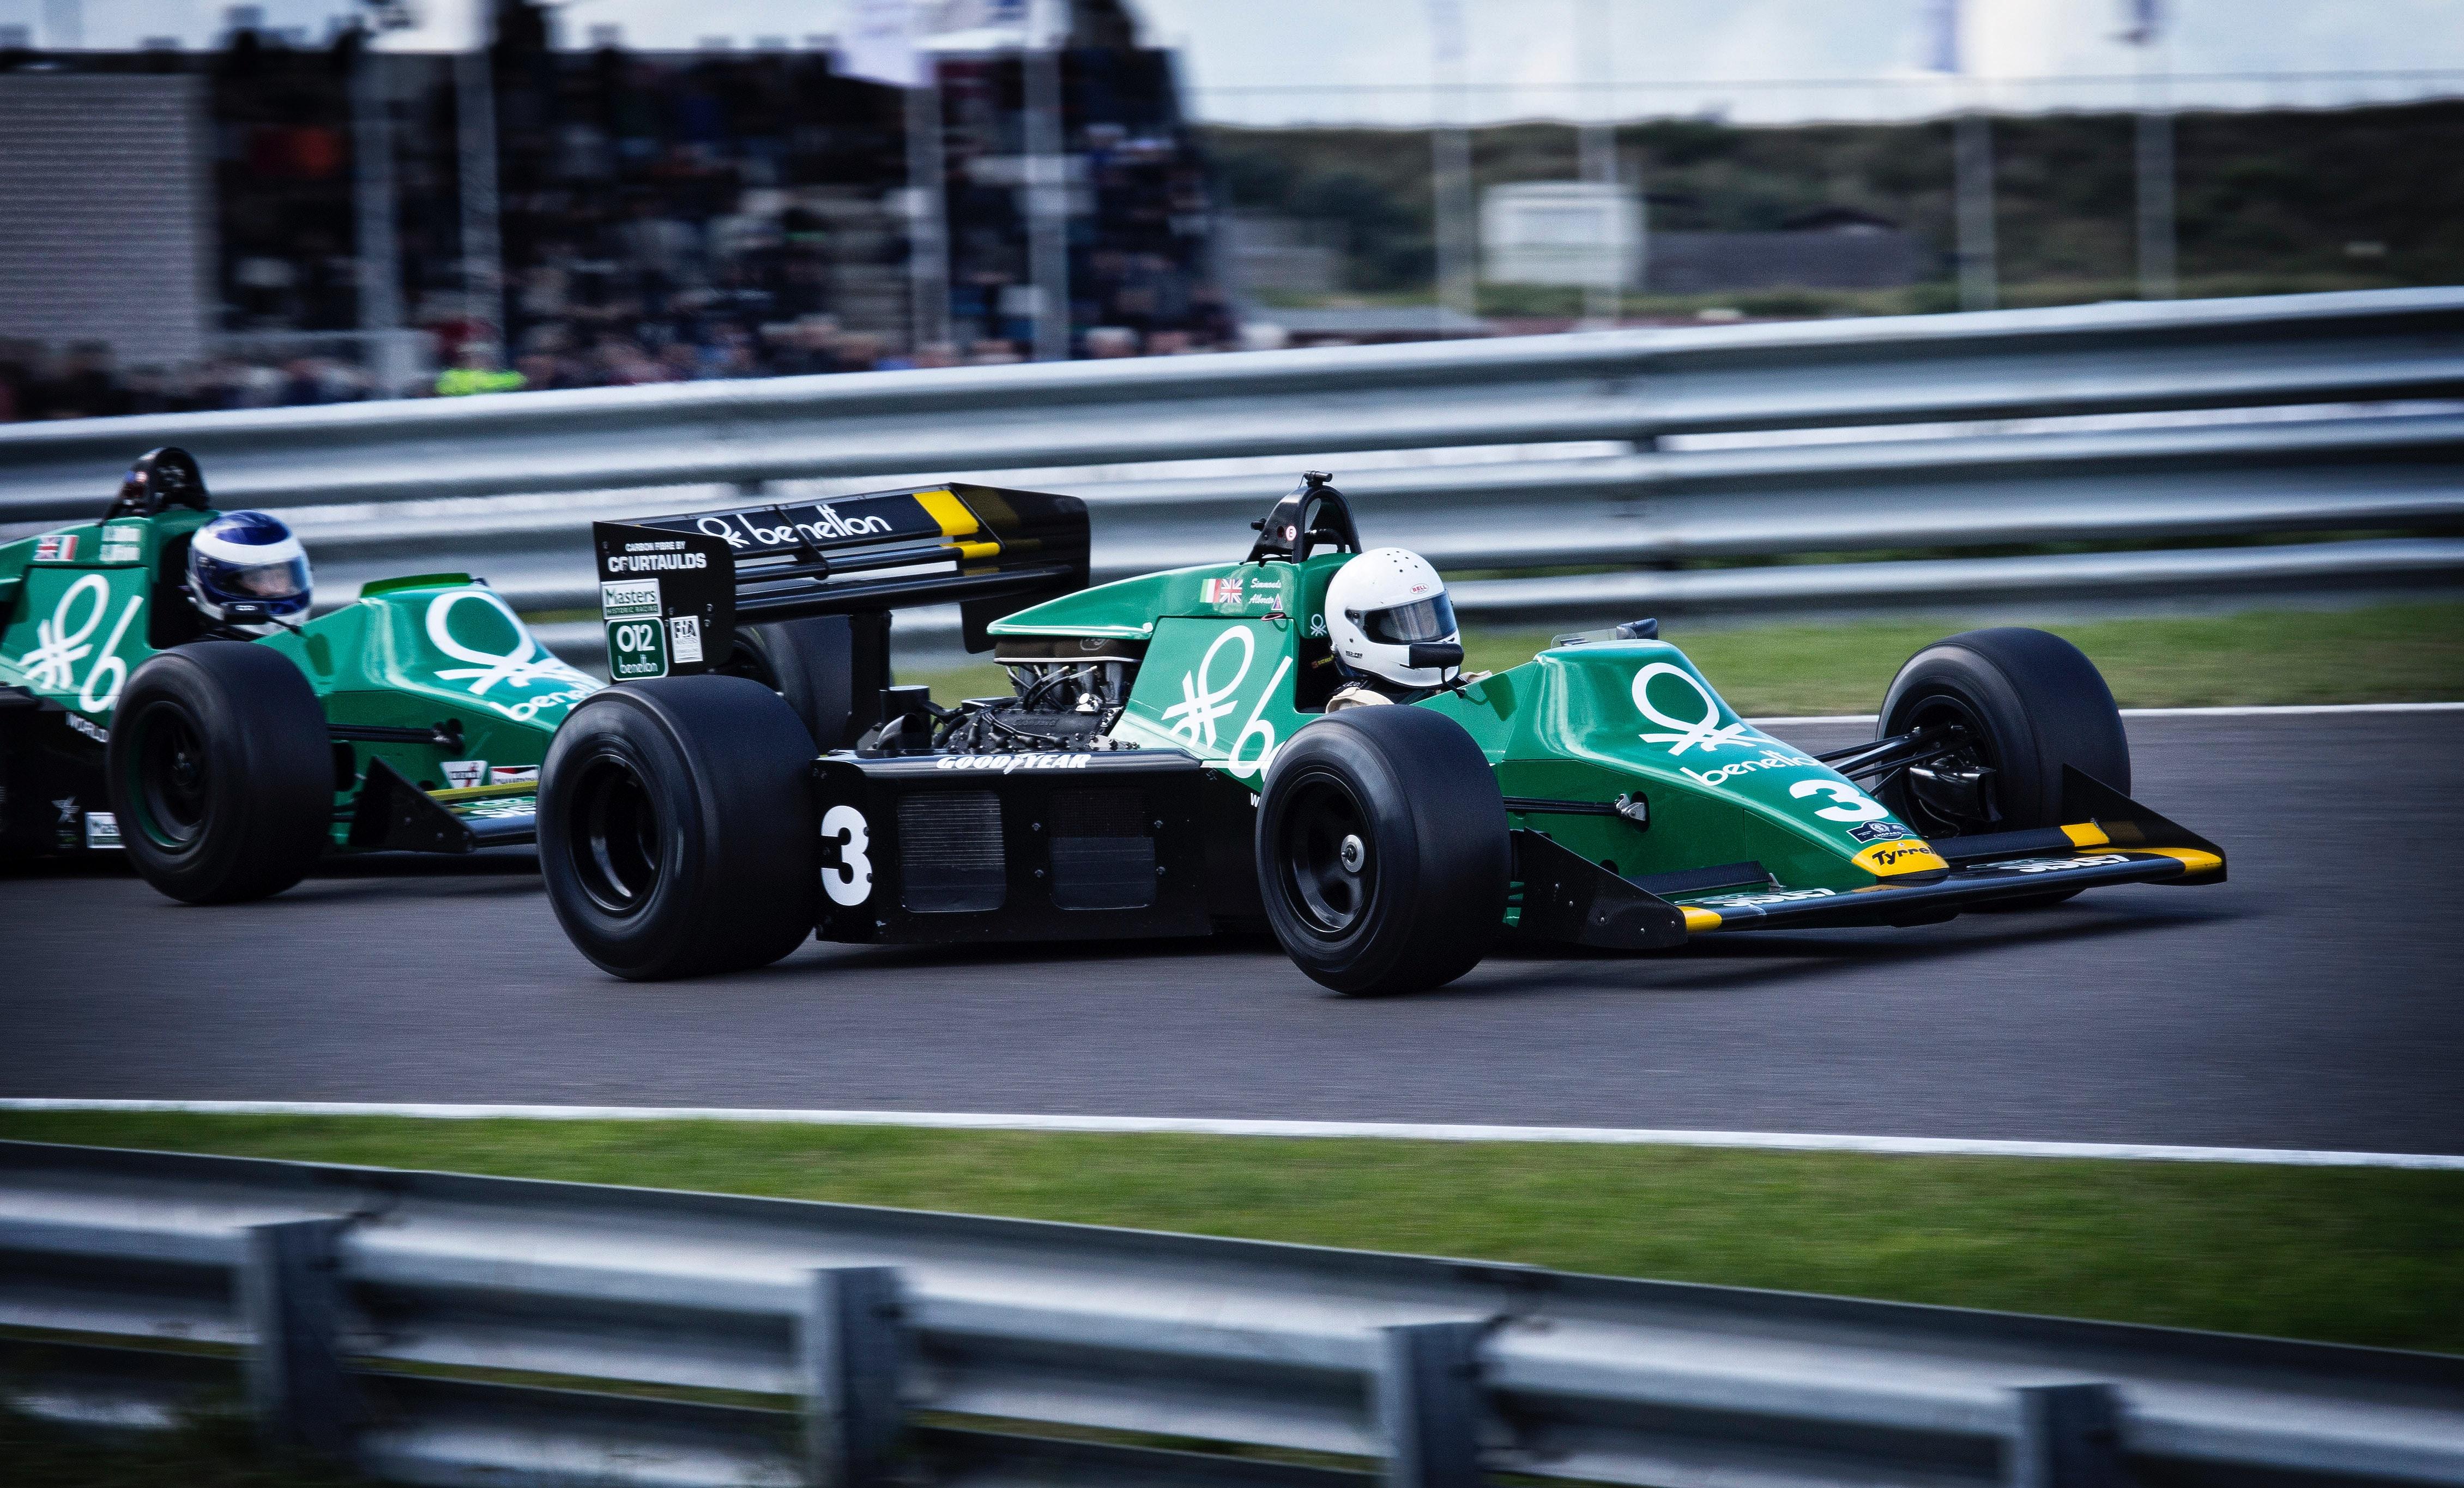 speed-racing-speedway-racing-car-12795